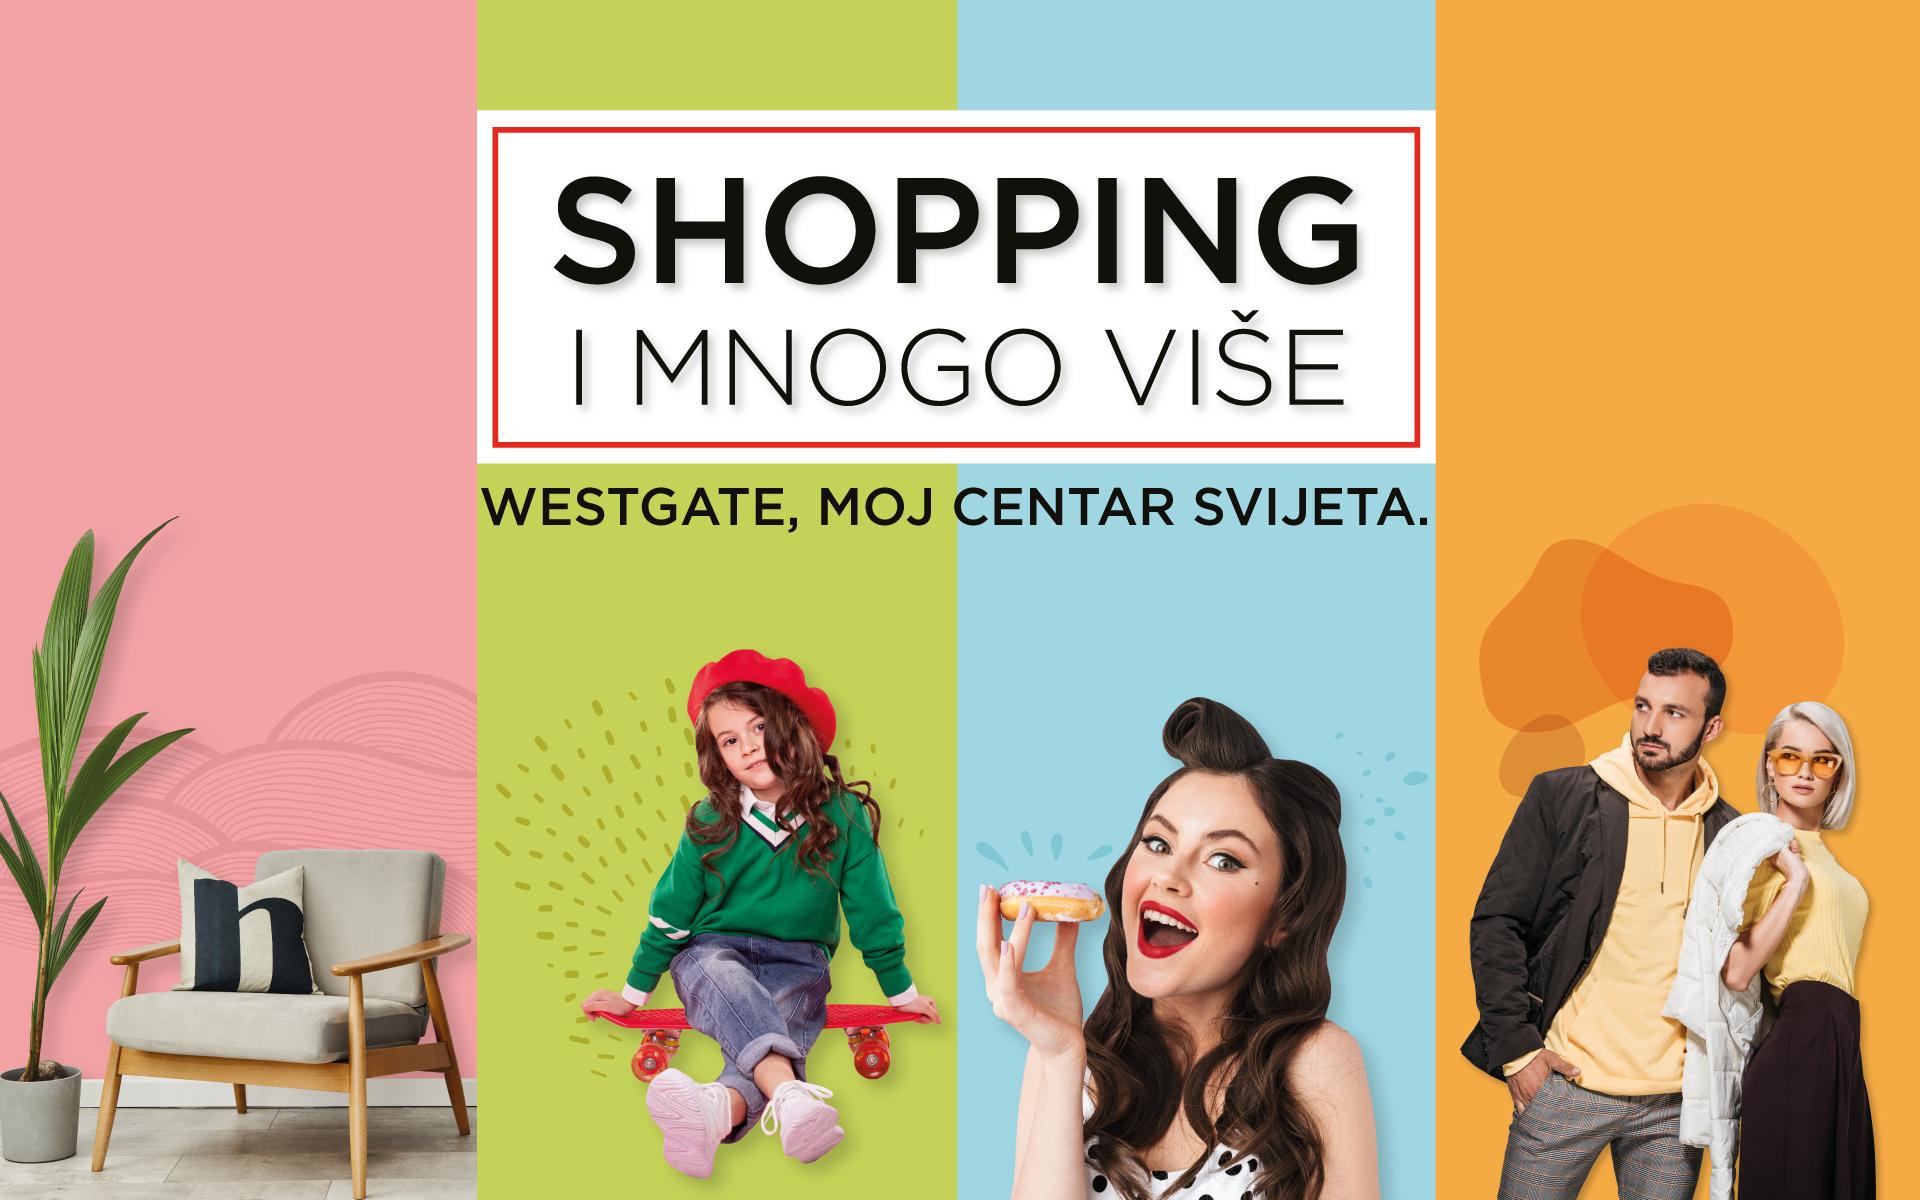 Westgate je centar shoppinga i mnogo više….